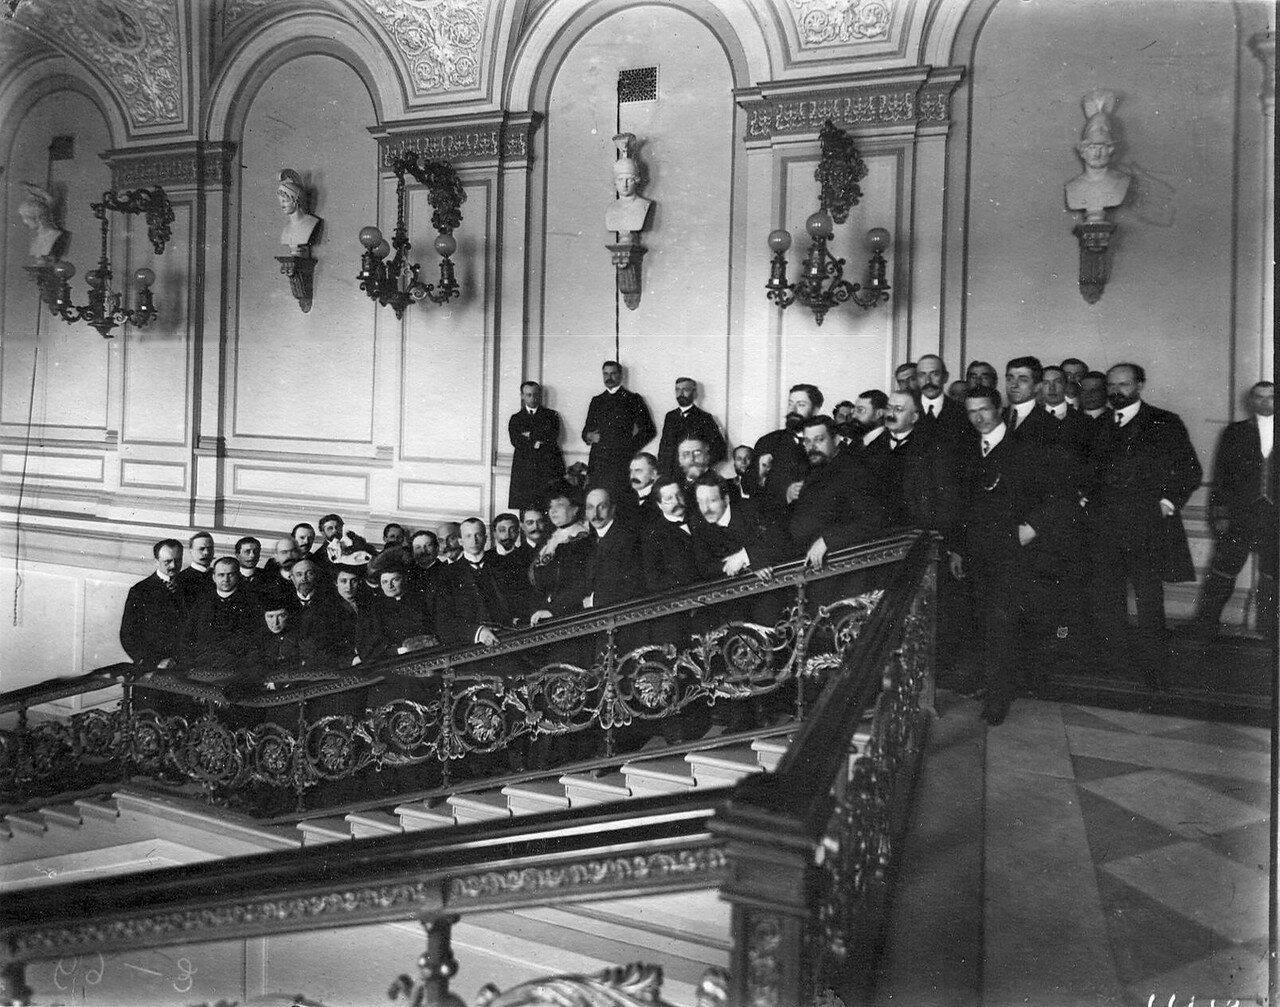 Март 1906. Группа выборщиков в Первую Государственную думу на лестнице избирательного участка